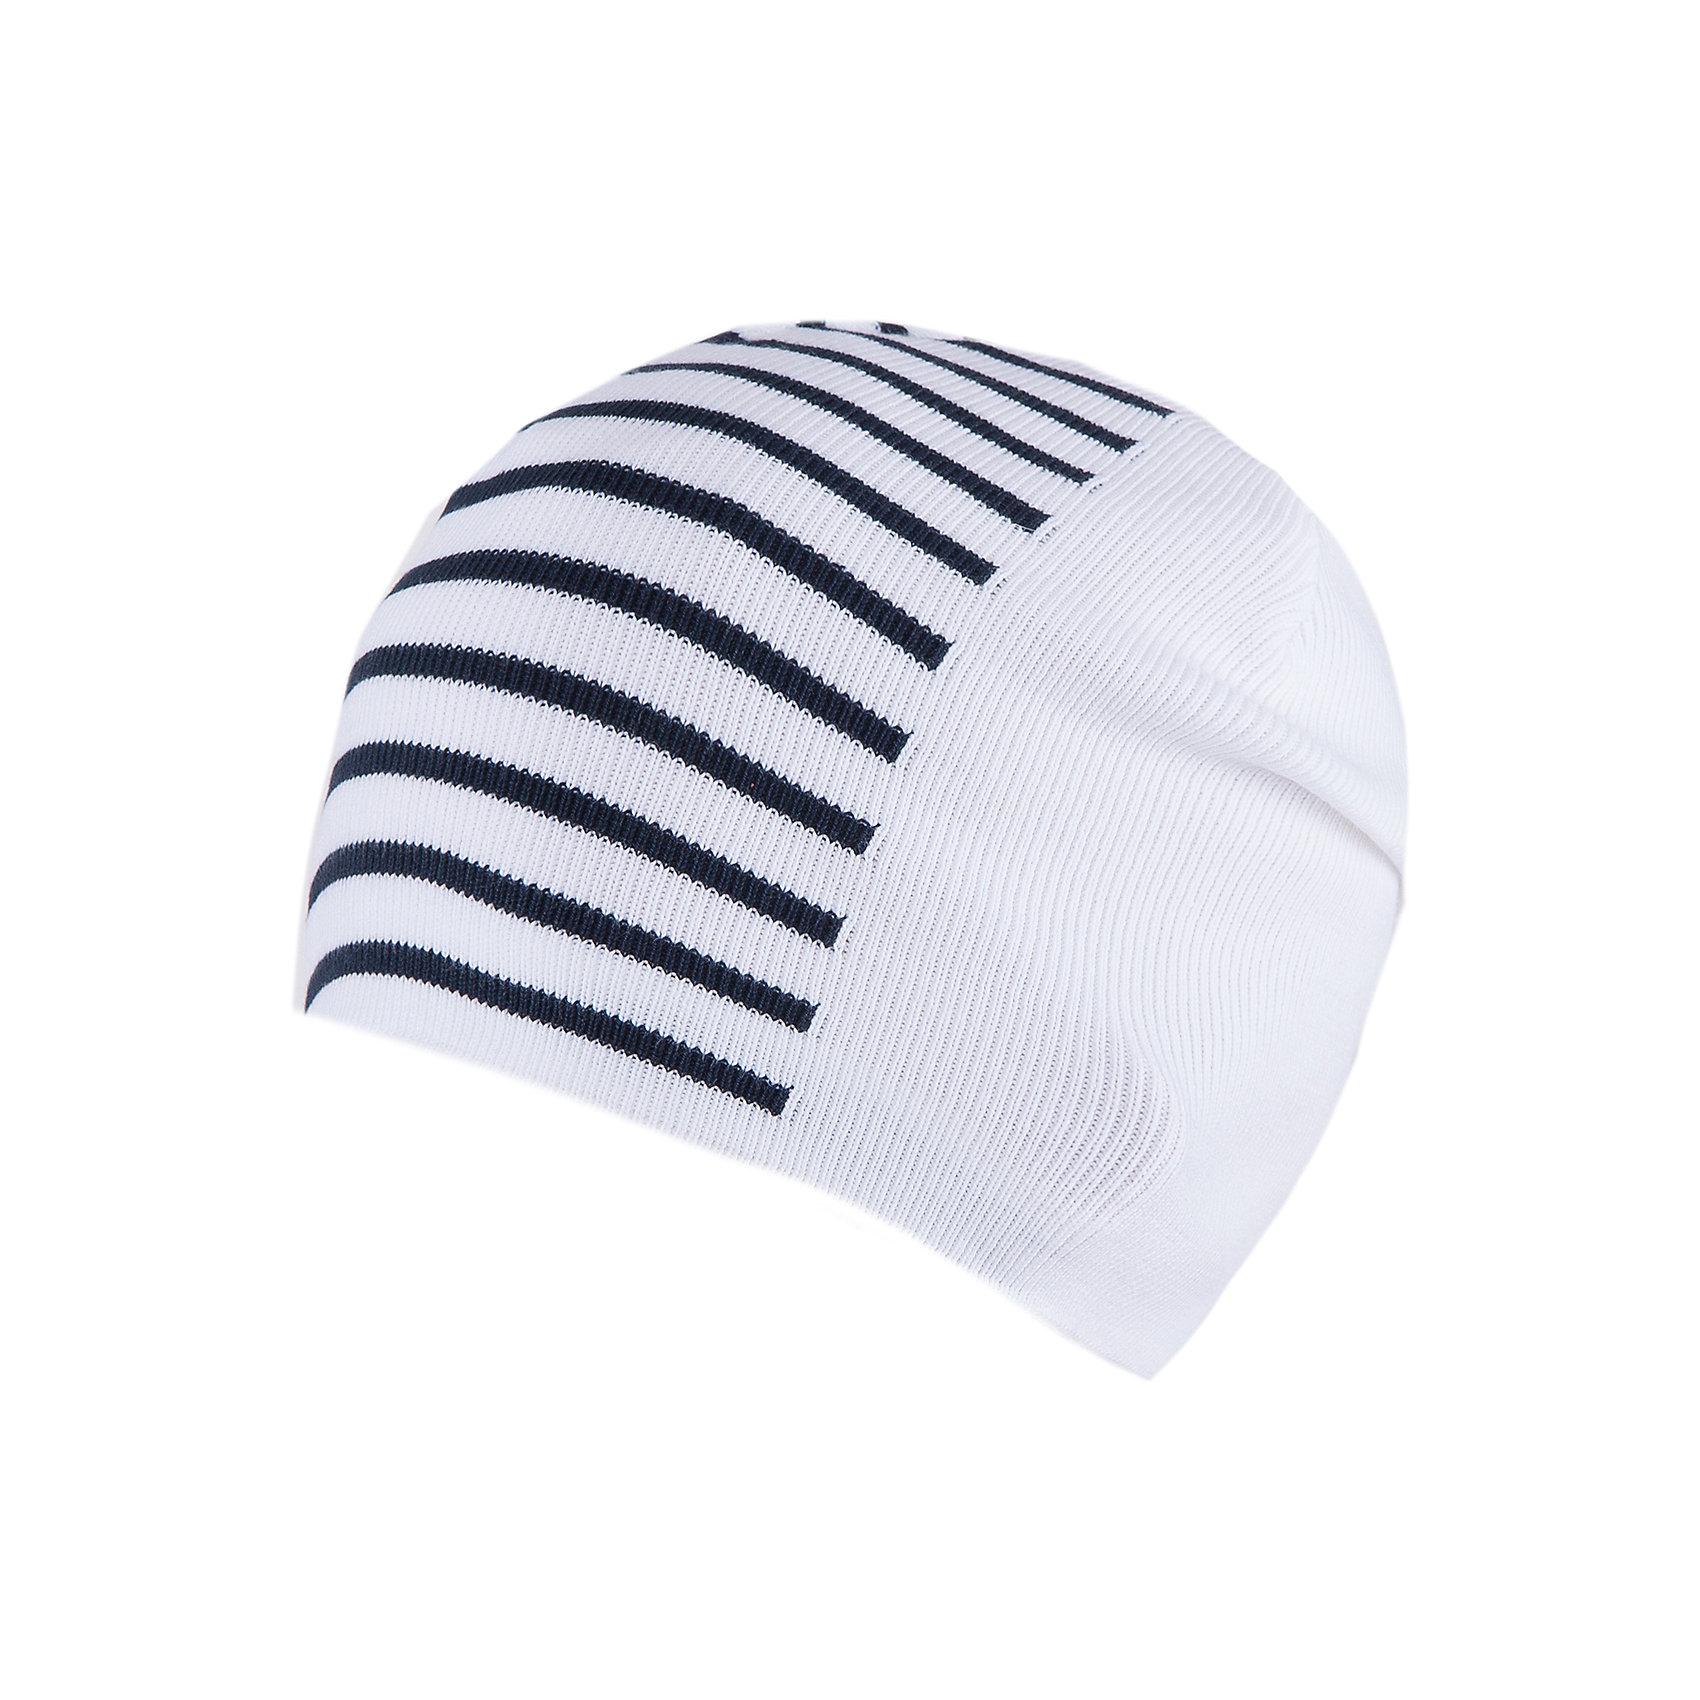 Шапка для мальчика АртельШапка для мальчика от торговой марки Артель <br><br>Стильная полосатая шапка отлично смотрится с разным нарядами. Изделие выполнено из качественных материалов, вязка плотная. Натуральный хлопок обеспечит износостойкость и удобство. Отличный вариант для переменной погоды межсезонья! <br>Одежда от бренда Артель – это высокое качество по приемлемой цене и всегда продуманный дизайн. <br><br>Особенности модели: <br>- цвет — белый; <br>- в полоску; <br>- натуральный хлопок. <br><br>Дополнительная информация: <br><br>Состав: 100% хлопок.<br><br><br>Температурный режим: <br>От -5 °C до +10 °C <br><br>Шапку для мальчика Артель (Artel) можно купить в нашем магазине.<br><br>Ширина мм: 89<br>Глубина мм: 117<br>Высота мм: 44<br>Вес г: 155<br>Цвет: белый<br>Возраст от месяцев: 60<br>Возраст до месяцев: 72<br>Пол: Мужской<br>Возраст: Детский<br>Размер: 52,54,56<br>SKU: 4500475